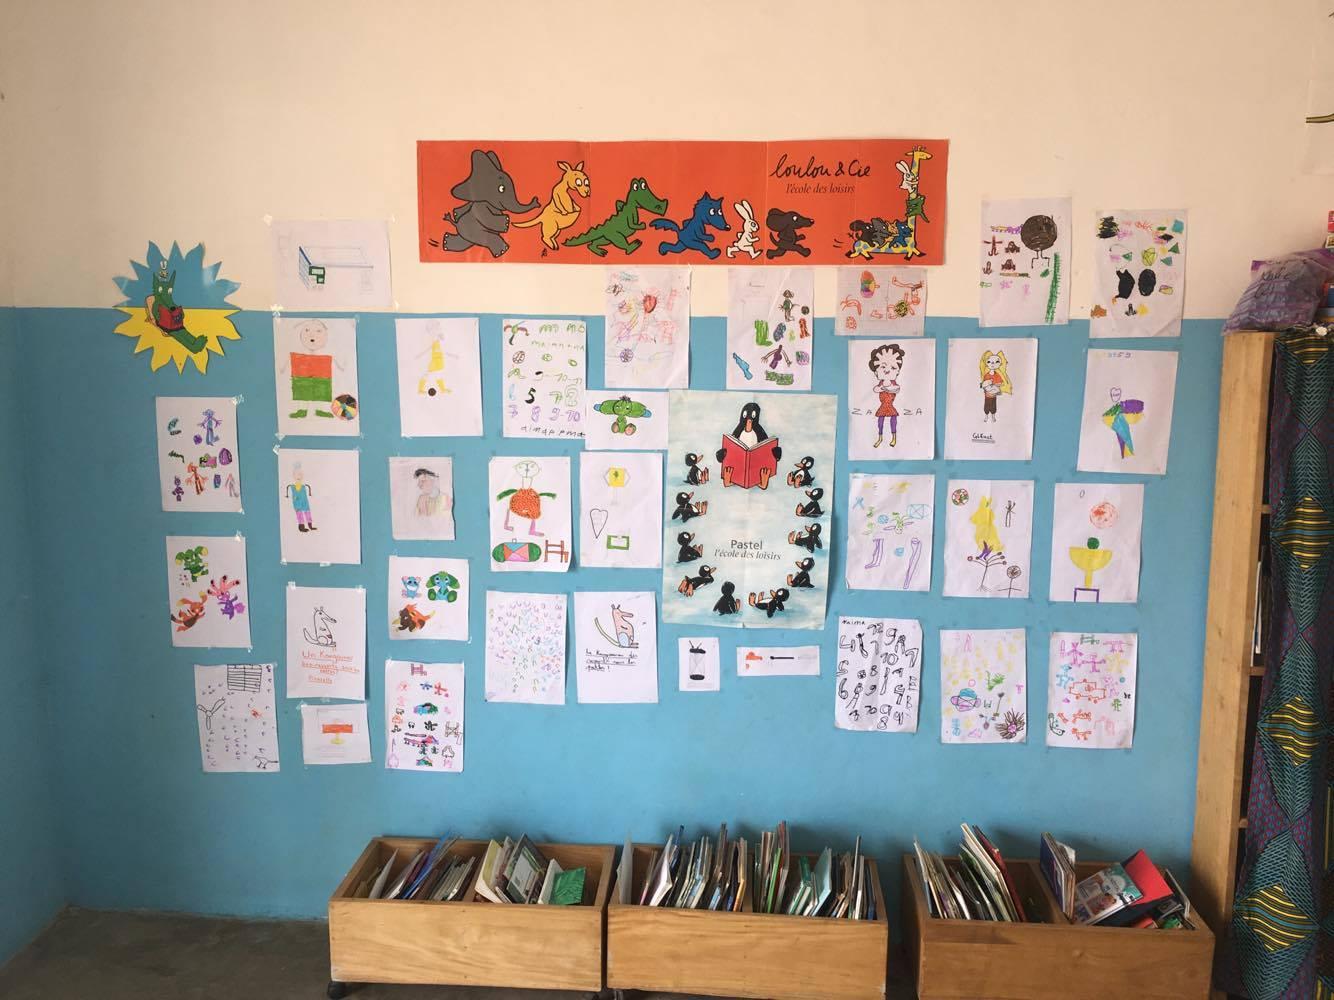 Le mur de la médiathèque décoré par les enfants